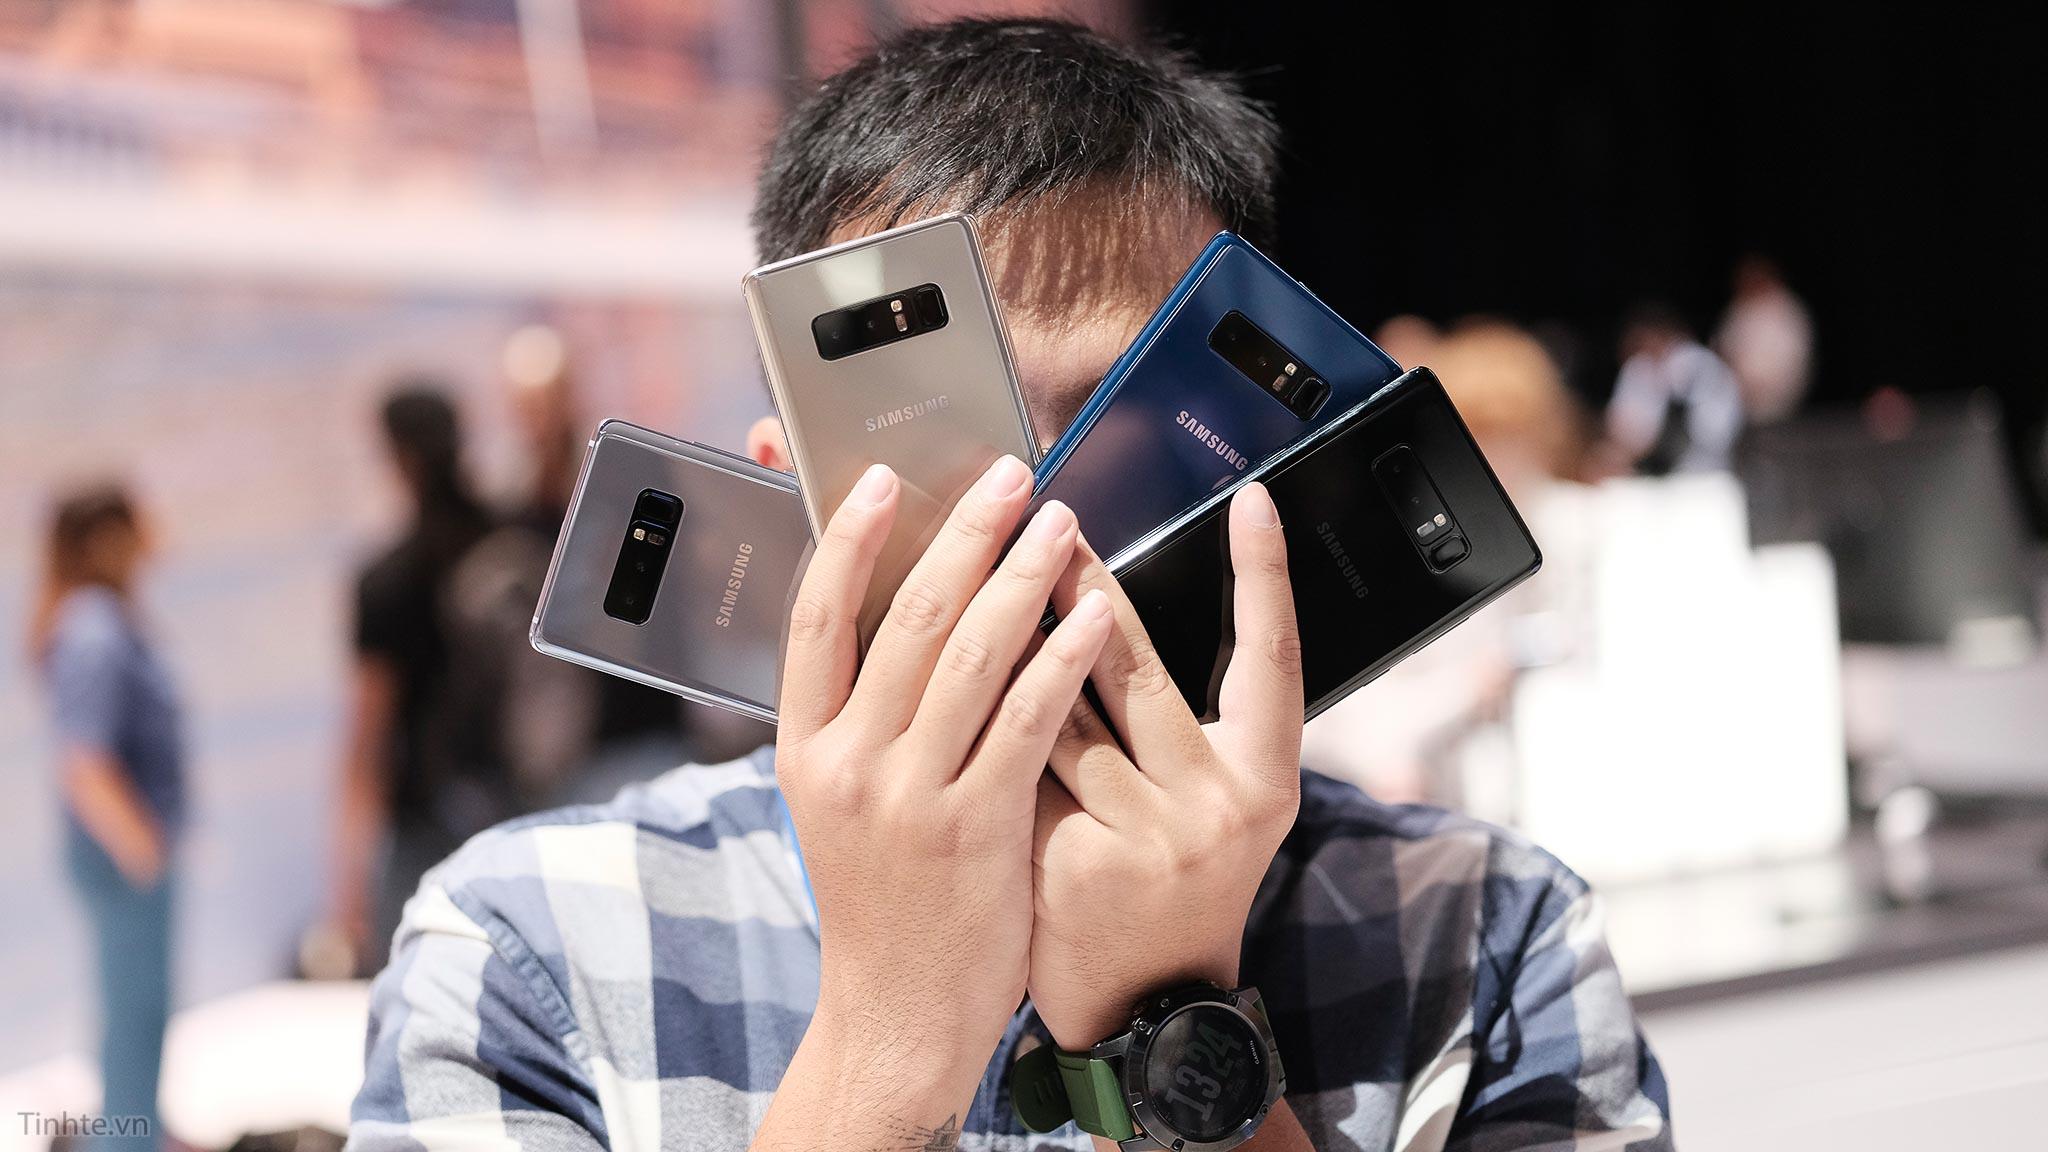 Samsung_Galaxy_Note_8_tinhte.vn-28.jpg